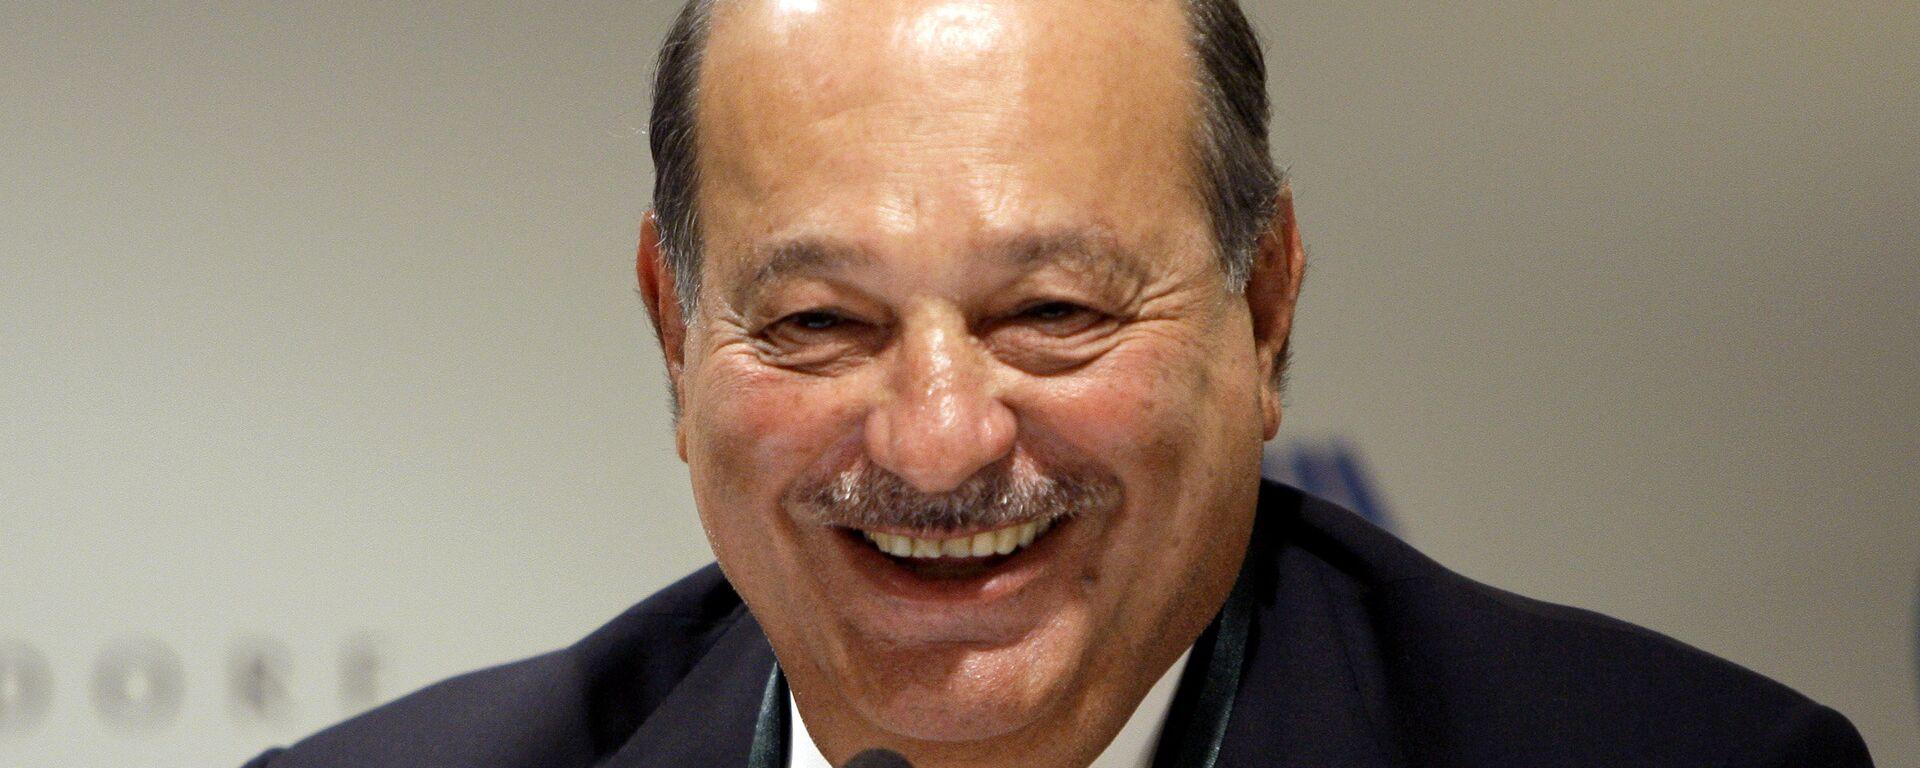 Carlos Slim, magnate mexicano - Sputnik Mundo, 1920, 24.08.2021